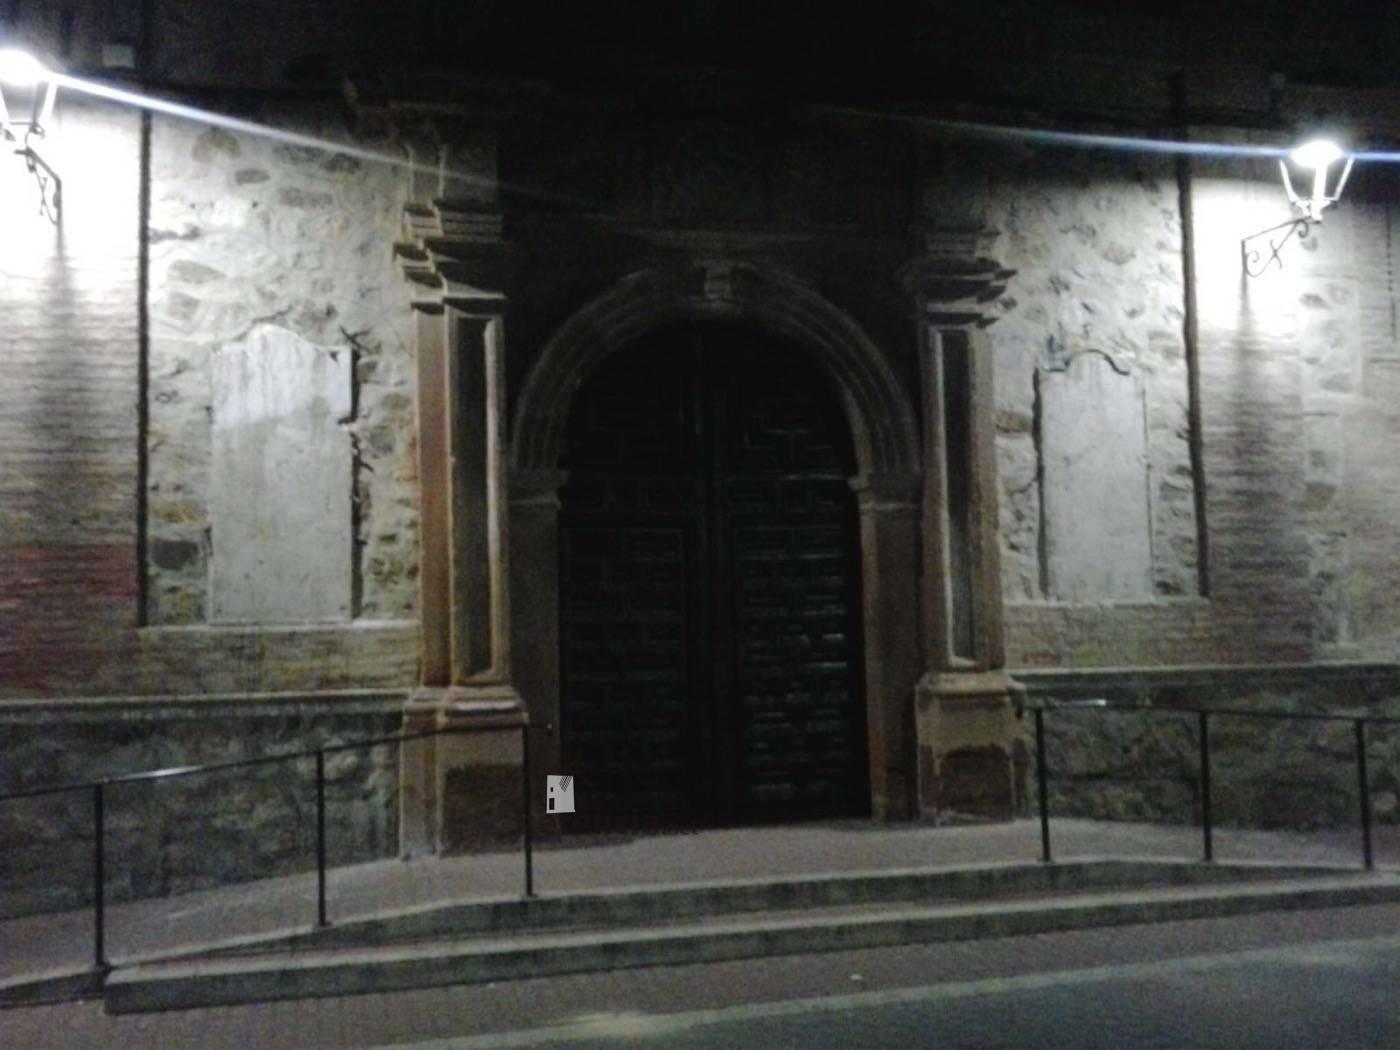 retirada de placas de fachada del convento en Herencia 4 - Las placas de la fachada del Convento son retiradas de madrugada